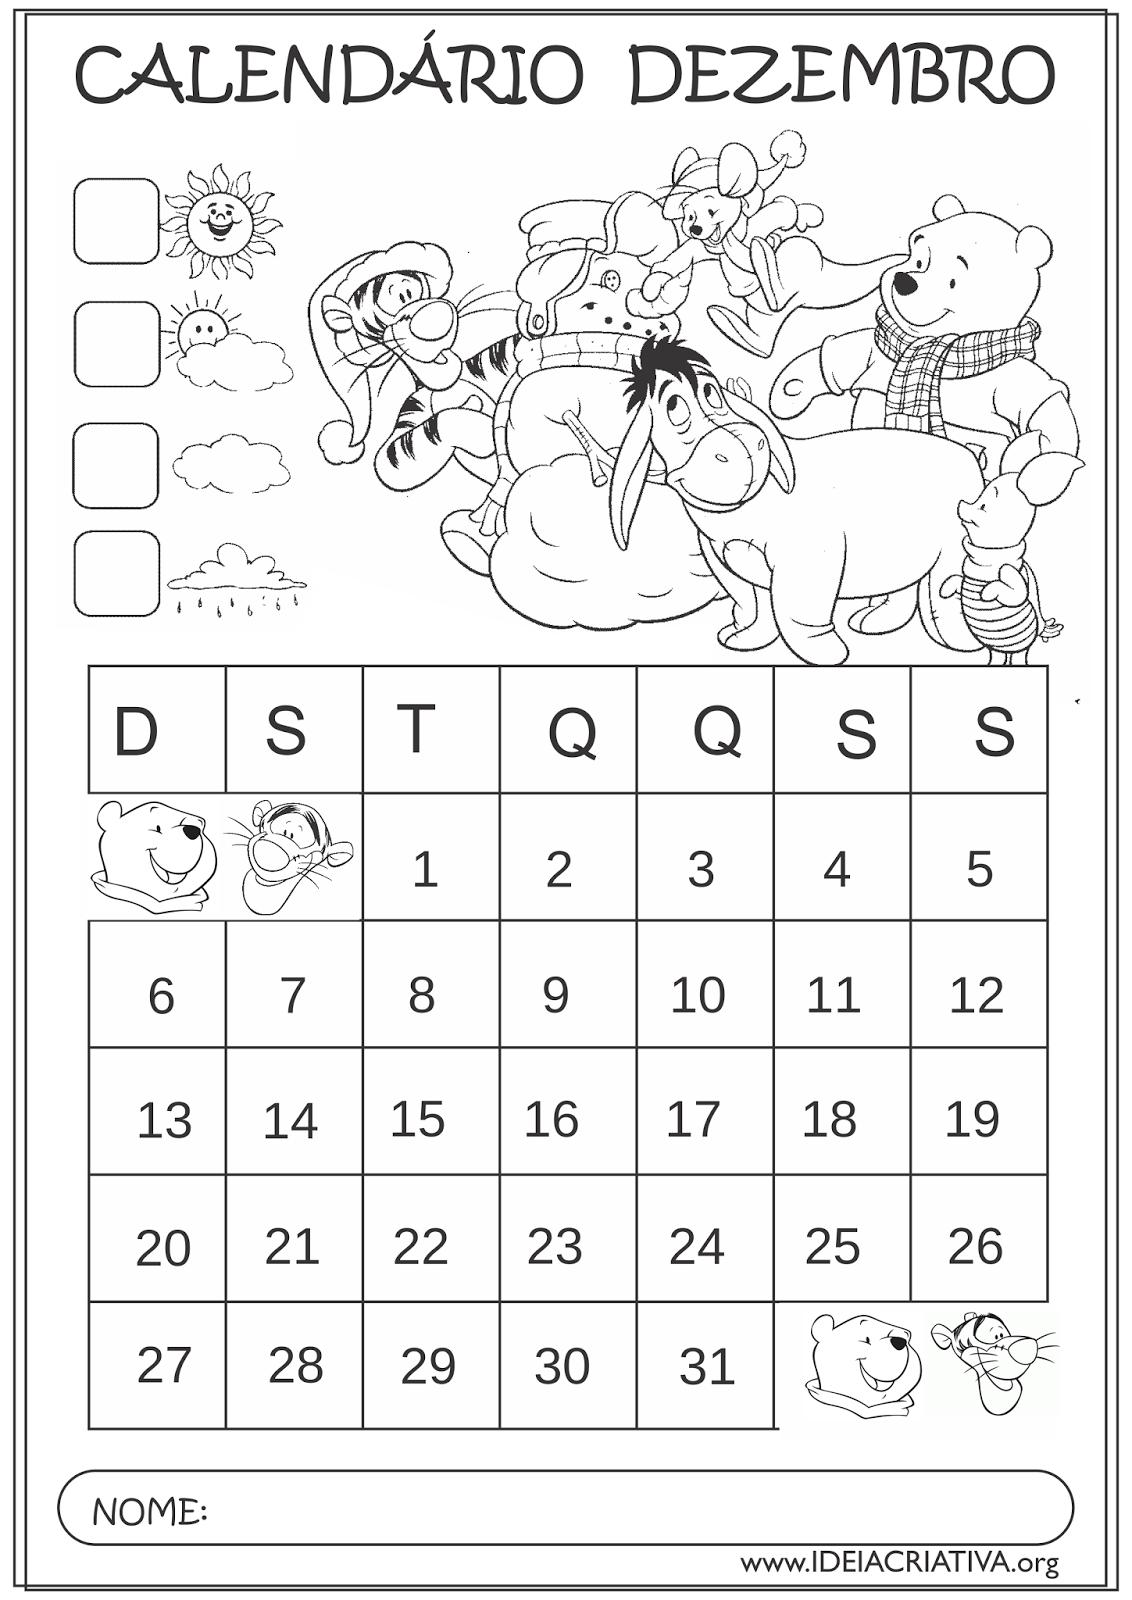 Calendários Dezembro 2015 Turma Do Pooh Natal Colorir Ideia